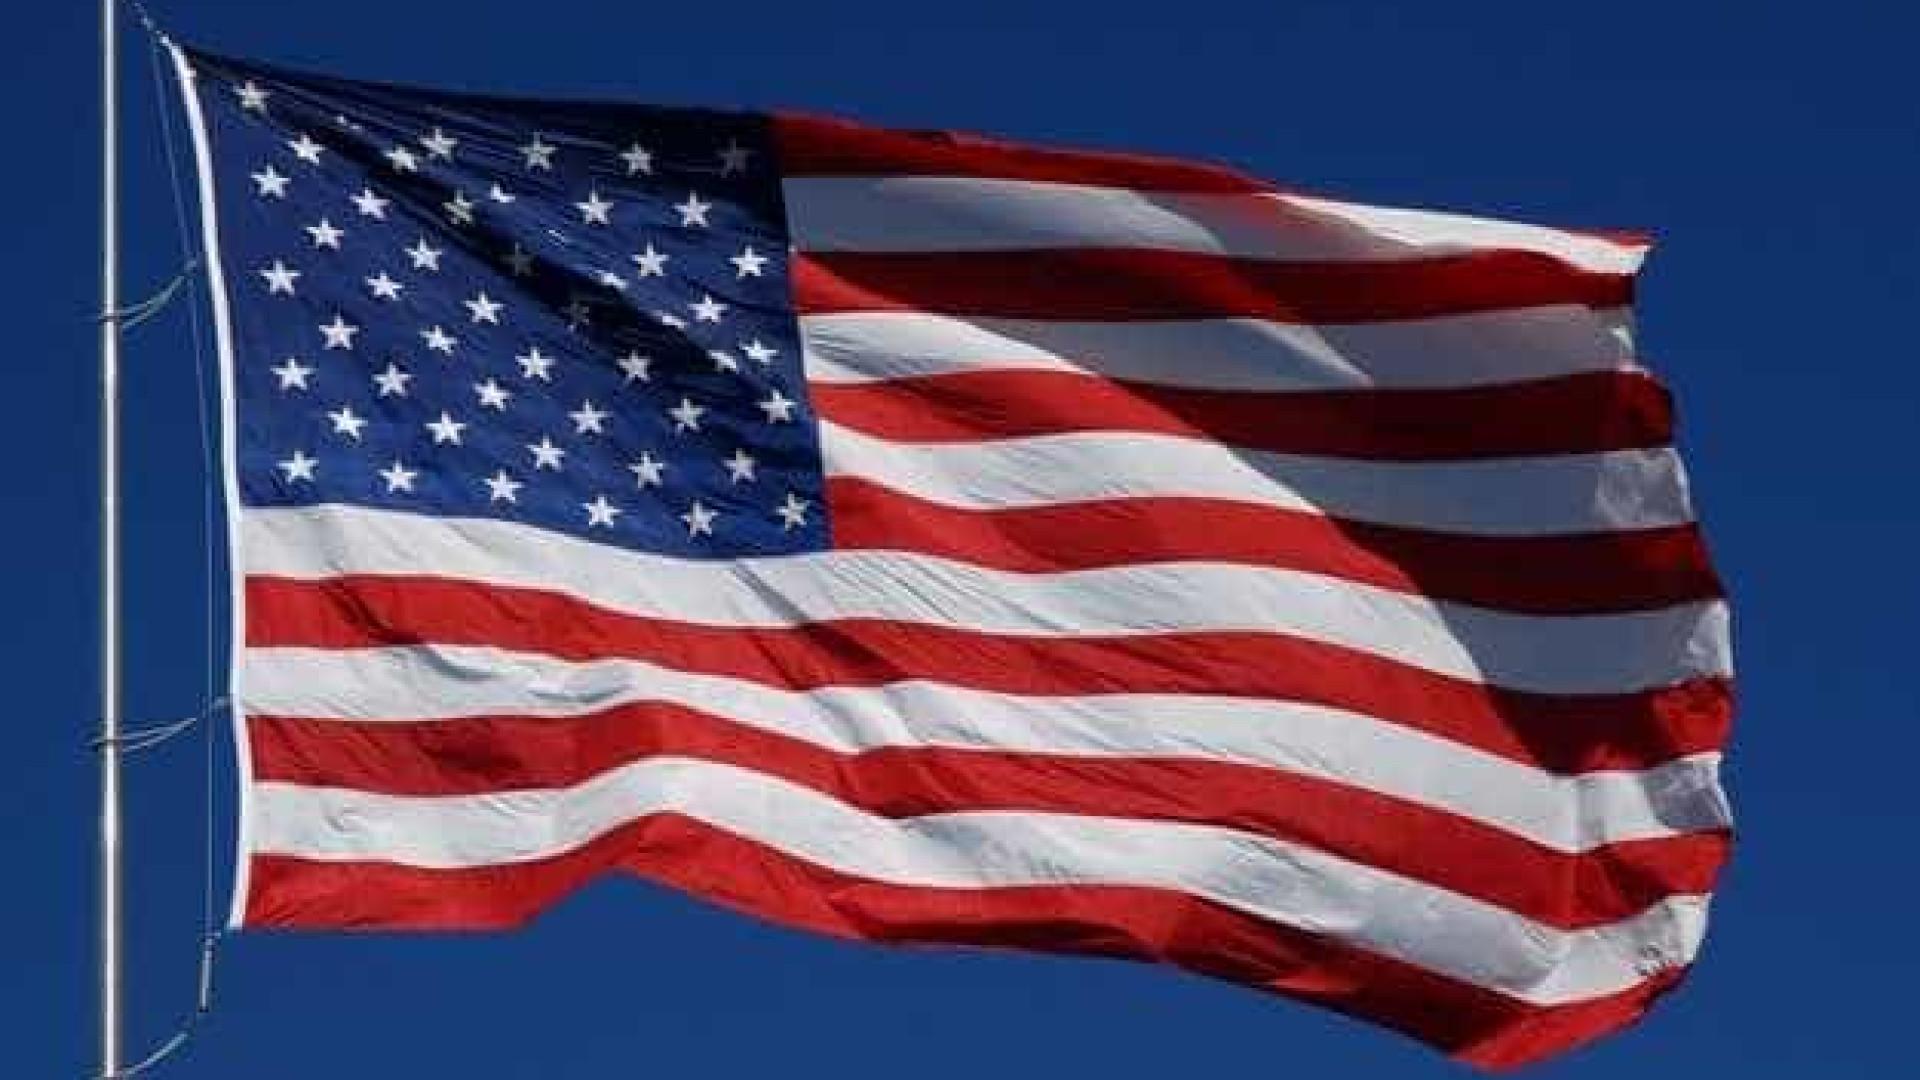 Bandeira dos EUA volta a ser içada na embaixada em Cuba, 54 anos depois